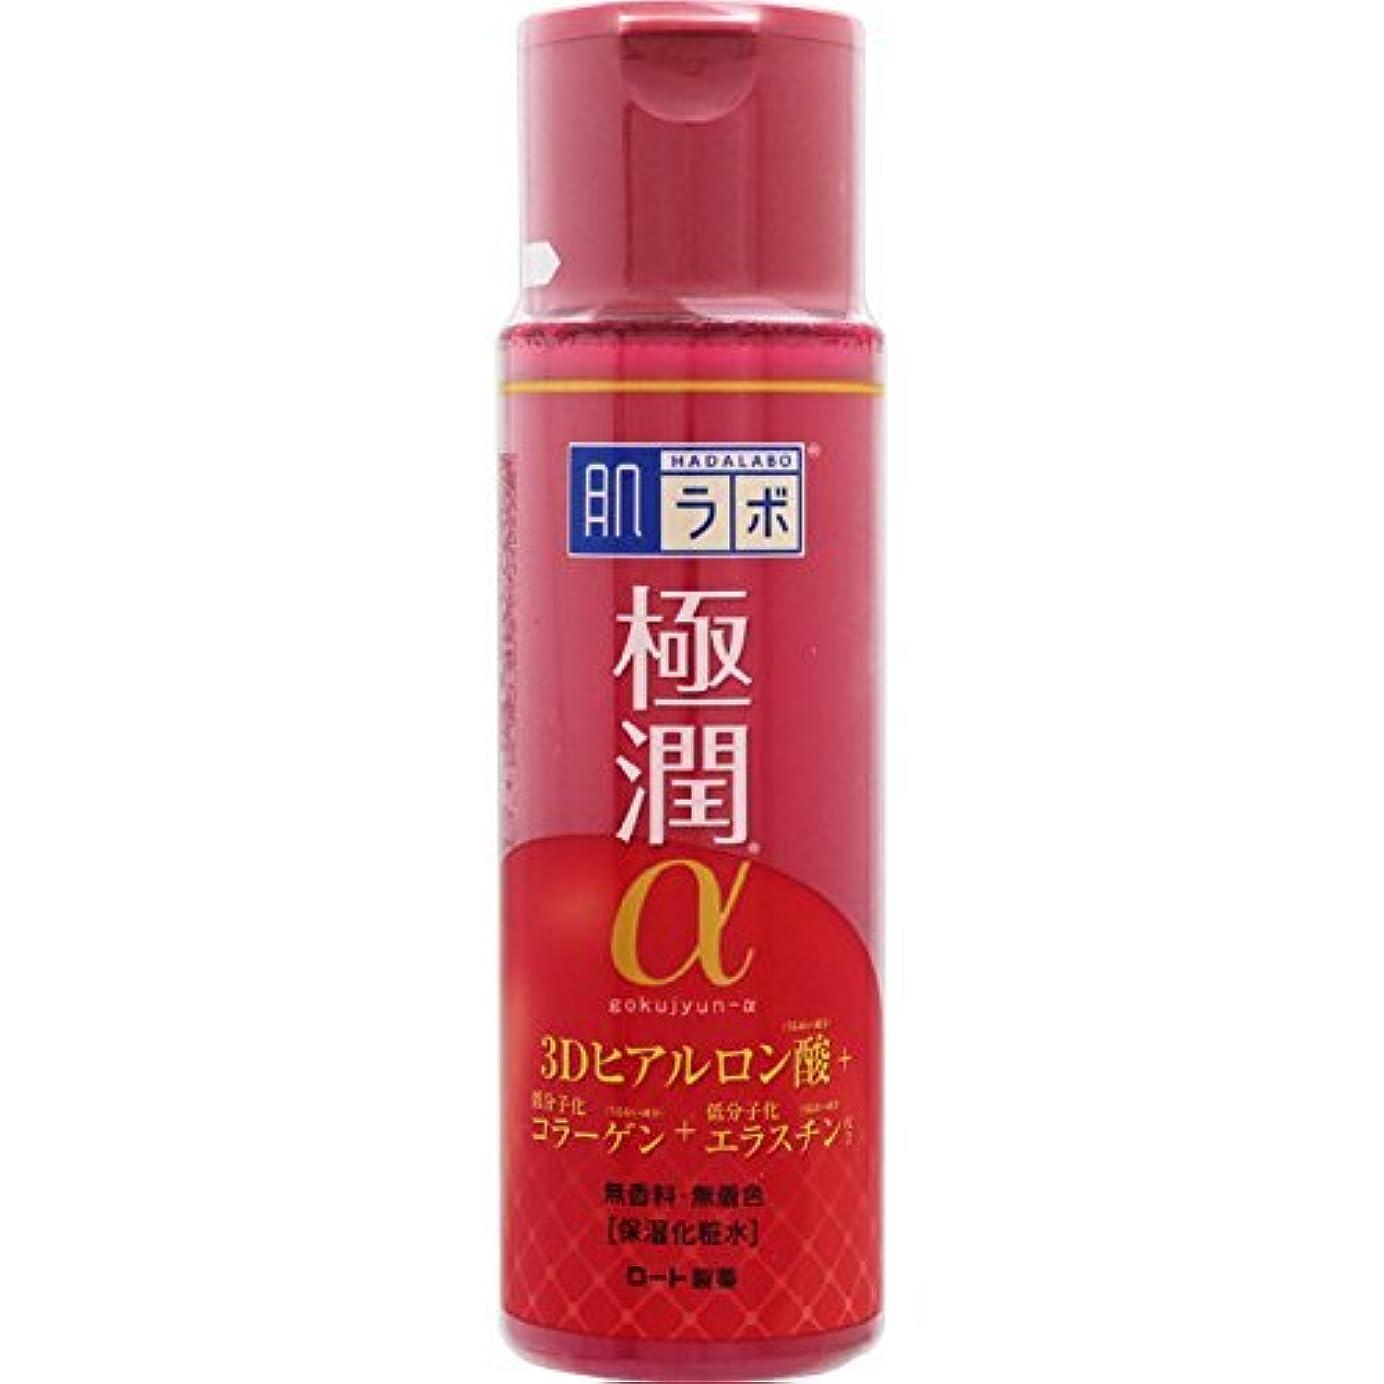 世界的に乗って繊毛肌ラボ 極潤α ハリ化粧水 170mL